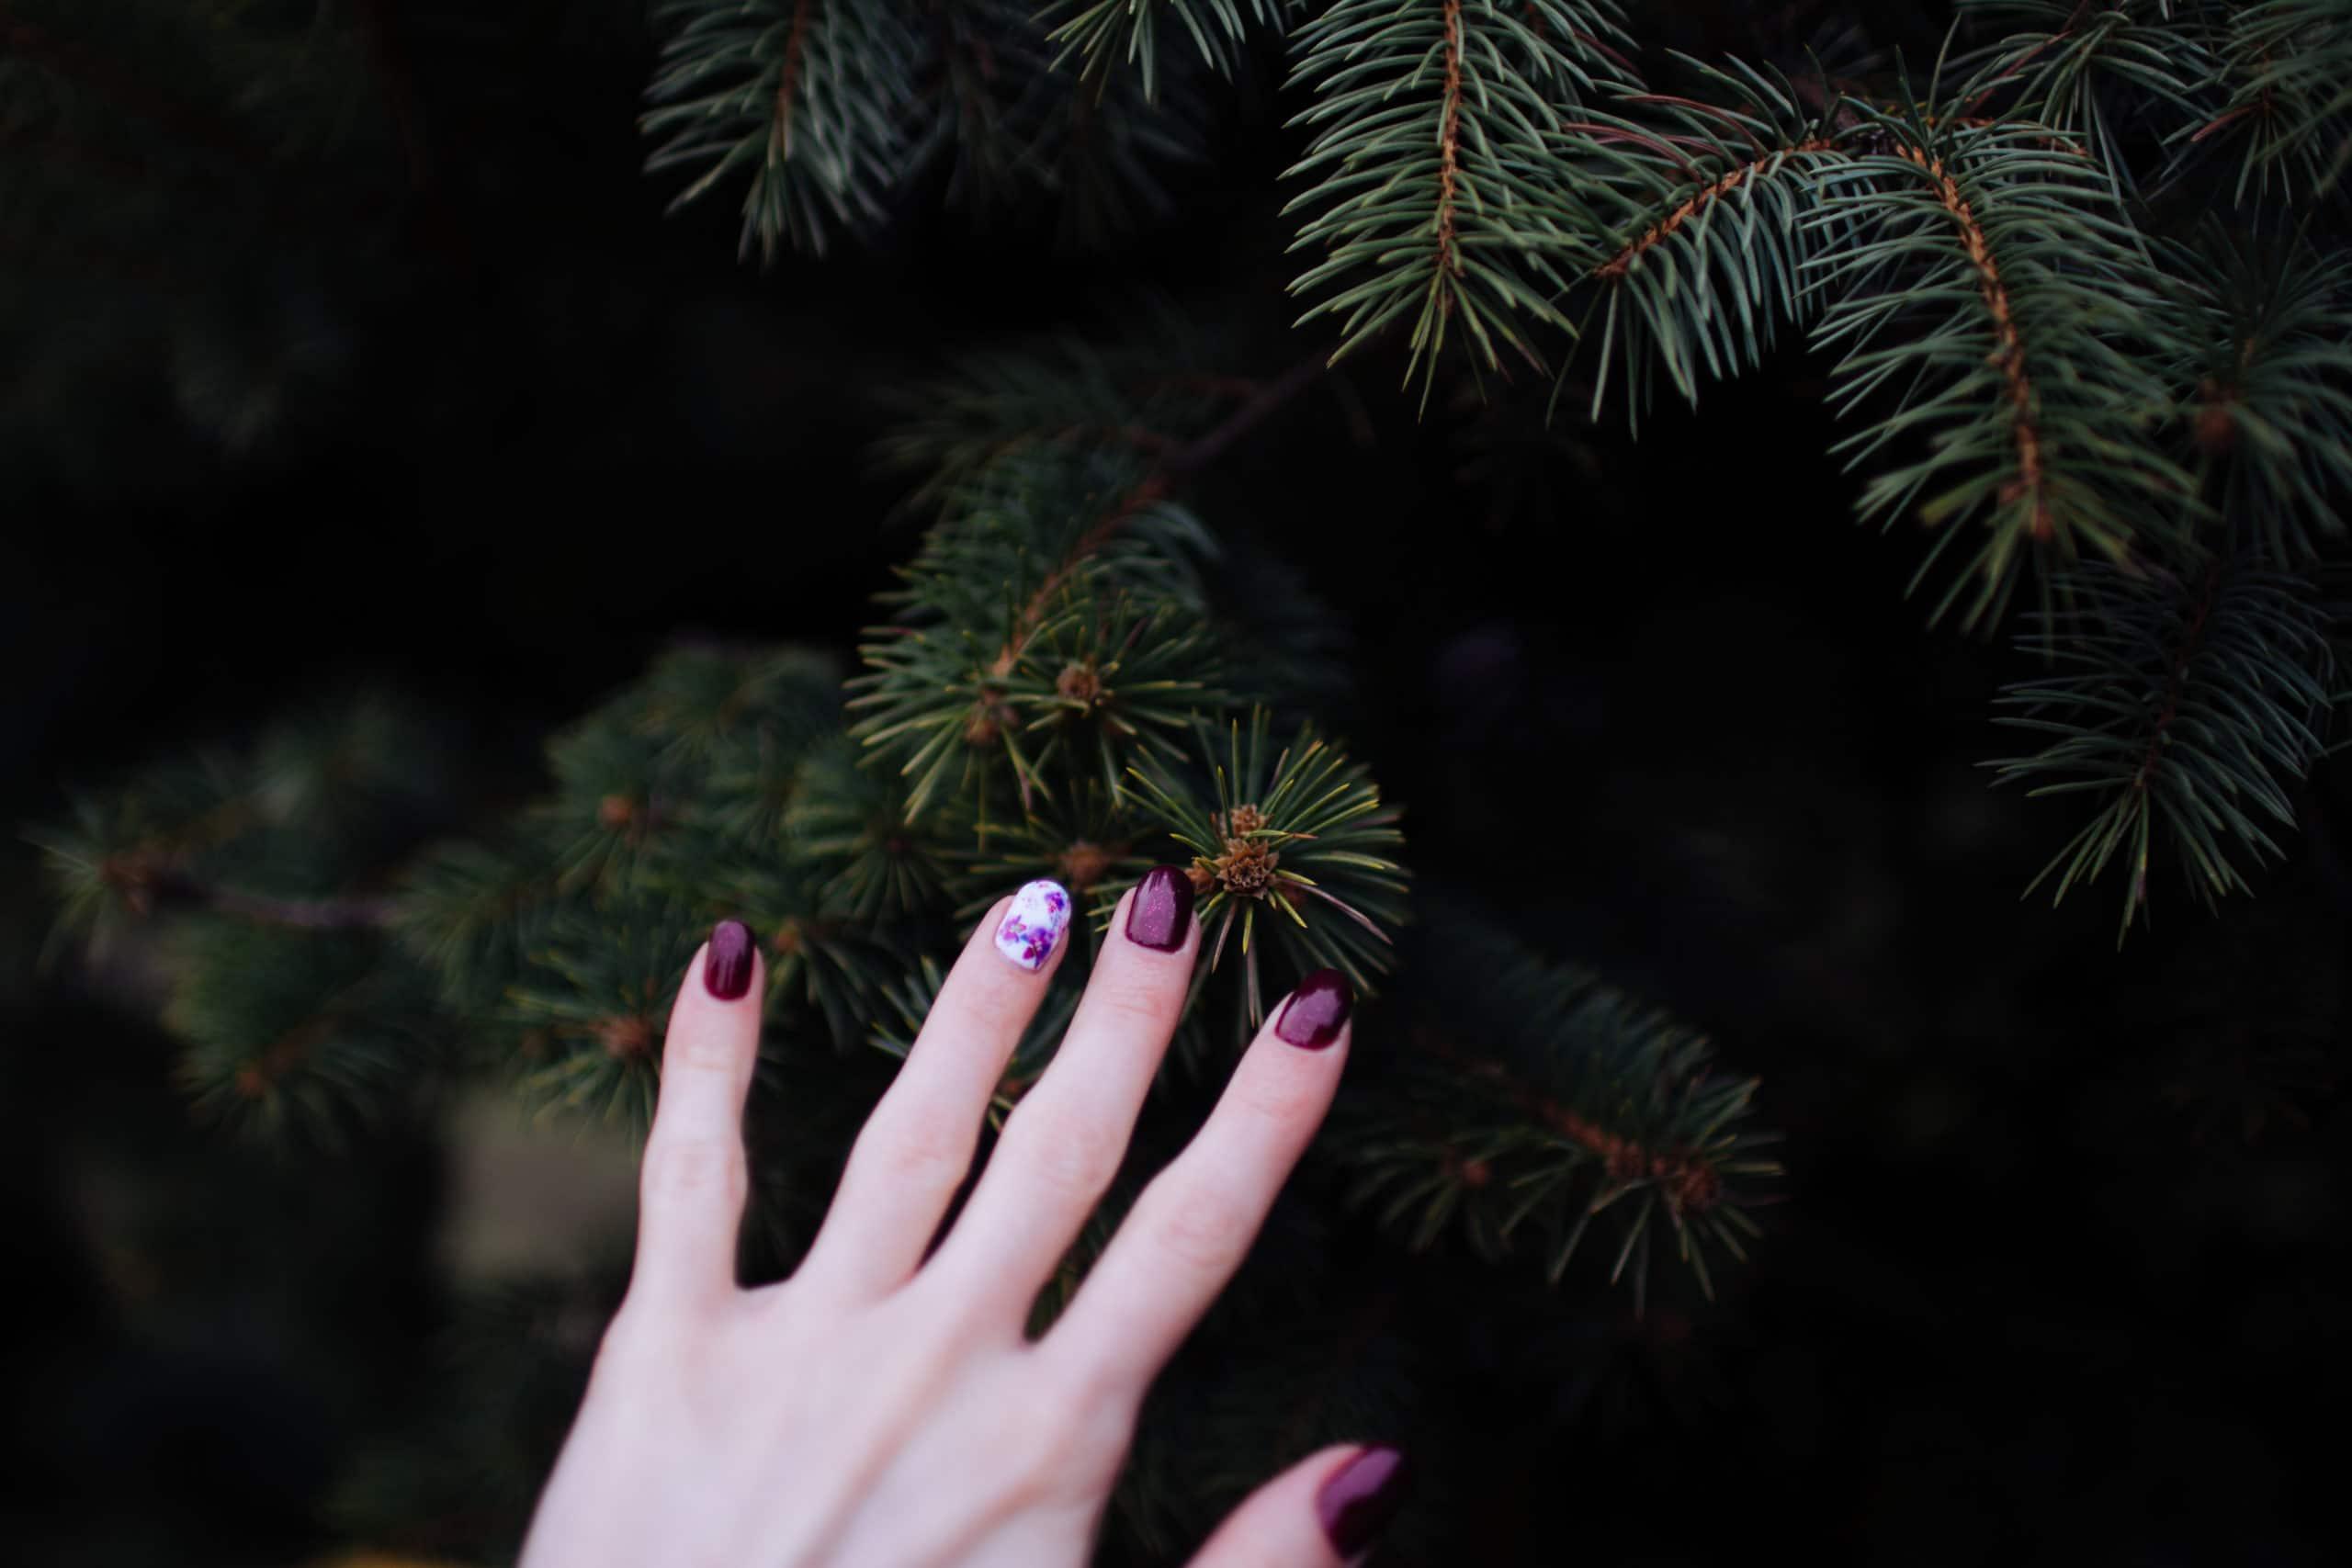 Première étape : Bichonnez vos mains avec des produits manucure adaptés Il faut commencer par vous dégager du temps pour prendre soin de vous. Un moment tranquille pour vous crémer les mains et les pieds. Ensuite, il faut passer à l'action en coupant vos ongles, en les limant puis en utilisant si nécessaire un repousse cuticule. N'hésitez pas à vous masser longuement les doigts en réalisant des points de pression car on le sait de nombreuses terminaisons nerveuses se trouvent à l'extrémité des pieds et des mains. Prendre soin de soi, c'est une véritable thérapie qui permet de mieux s'accepter et de ne pas redouter les années qui passent. Deuxième étape : Mettez votre stratégie couleur au point … quelles déclinaisons de couleurs allez-vous assortir ? Connaissez-vous déjà les tenues que vous allez porter ? Et quelles couleurs vous allez arborer ? La mode est au retour à l'art déco, aux lignes géométriques et graphiques. Côté couleur, ce sont des couleurs comme le bordeaux, le noir ou encore l'émeraude et le saphir… et pour les matières en mettre en avant le marbre, le laiton ou encore le cuivre… un petit air Art Déco tendance chic ! Choisissez dans vos produits manucure des tons comme le cerise foncé, la fée rouge, le scarabée or rouge, le prune foncé ou bien sûr le noir…. vous devez être la plus belle pour aller danser. Troisième étape : Optez pour des vernis longue durée avec une tenue d'au moins 3 semaines Vous devez métamorphoser vos mains grâce à un verni semi permanent, facile à poser avec sa texture fluide. Vous pouvez aussi opter pour le gel uv, une autre technique qui permet de créer des faux ongles directement sur l'ongle naturel ou sur des capsules. Dépose, brillance, couvrance… grâce à vos produits manucure, vous voila parées pour ces fêtes de fin d'année .